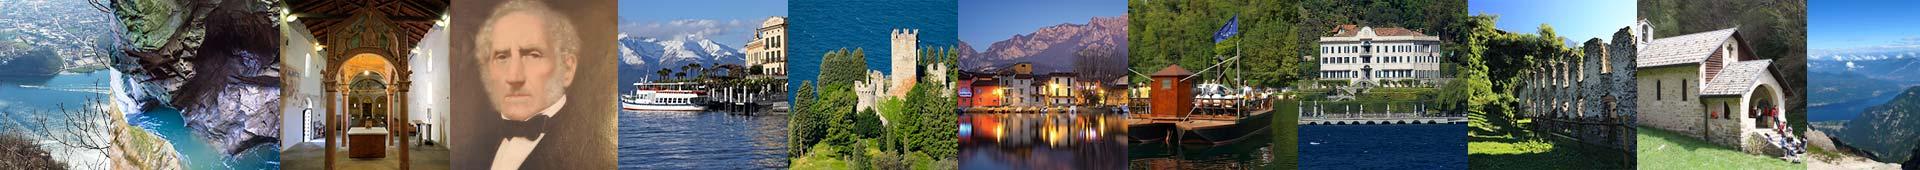 Gite scolastiche a Lecco e sul Lago di Como